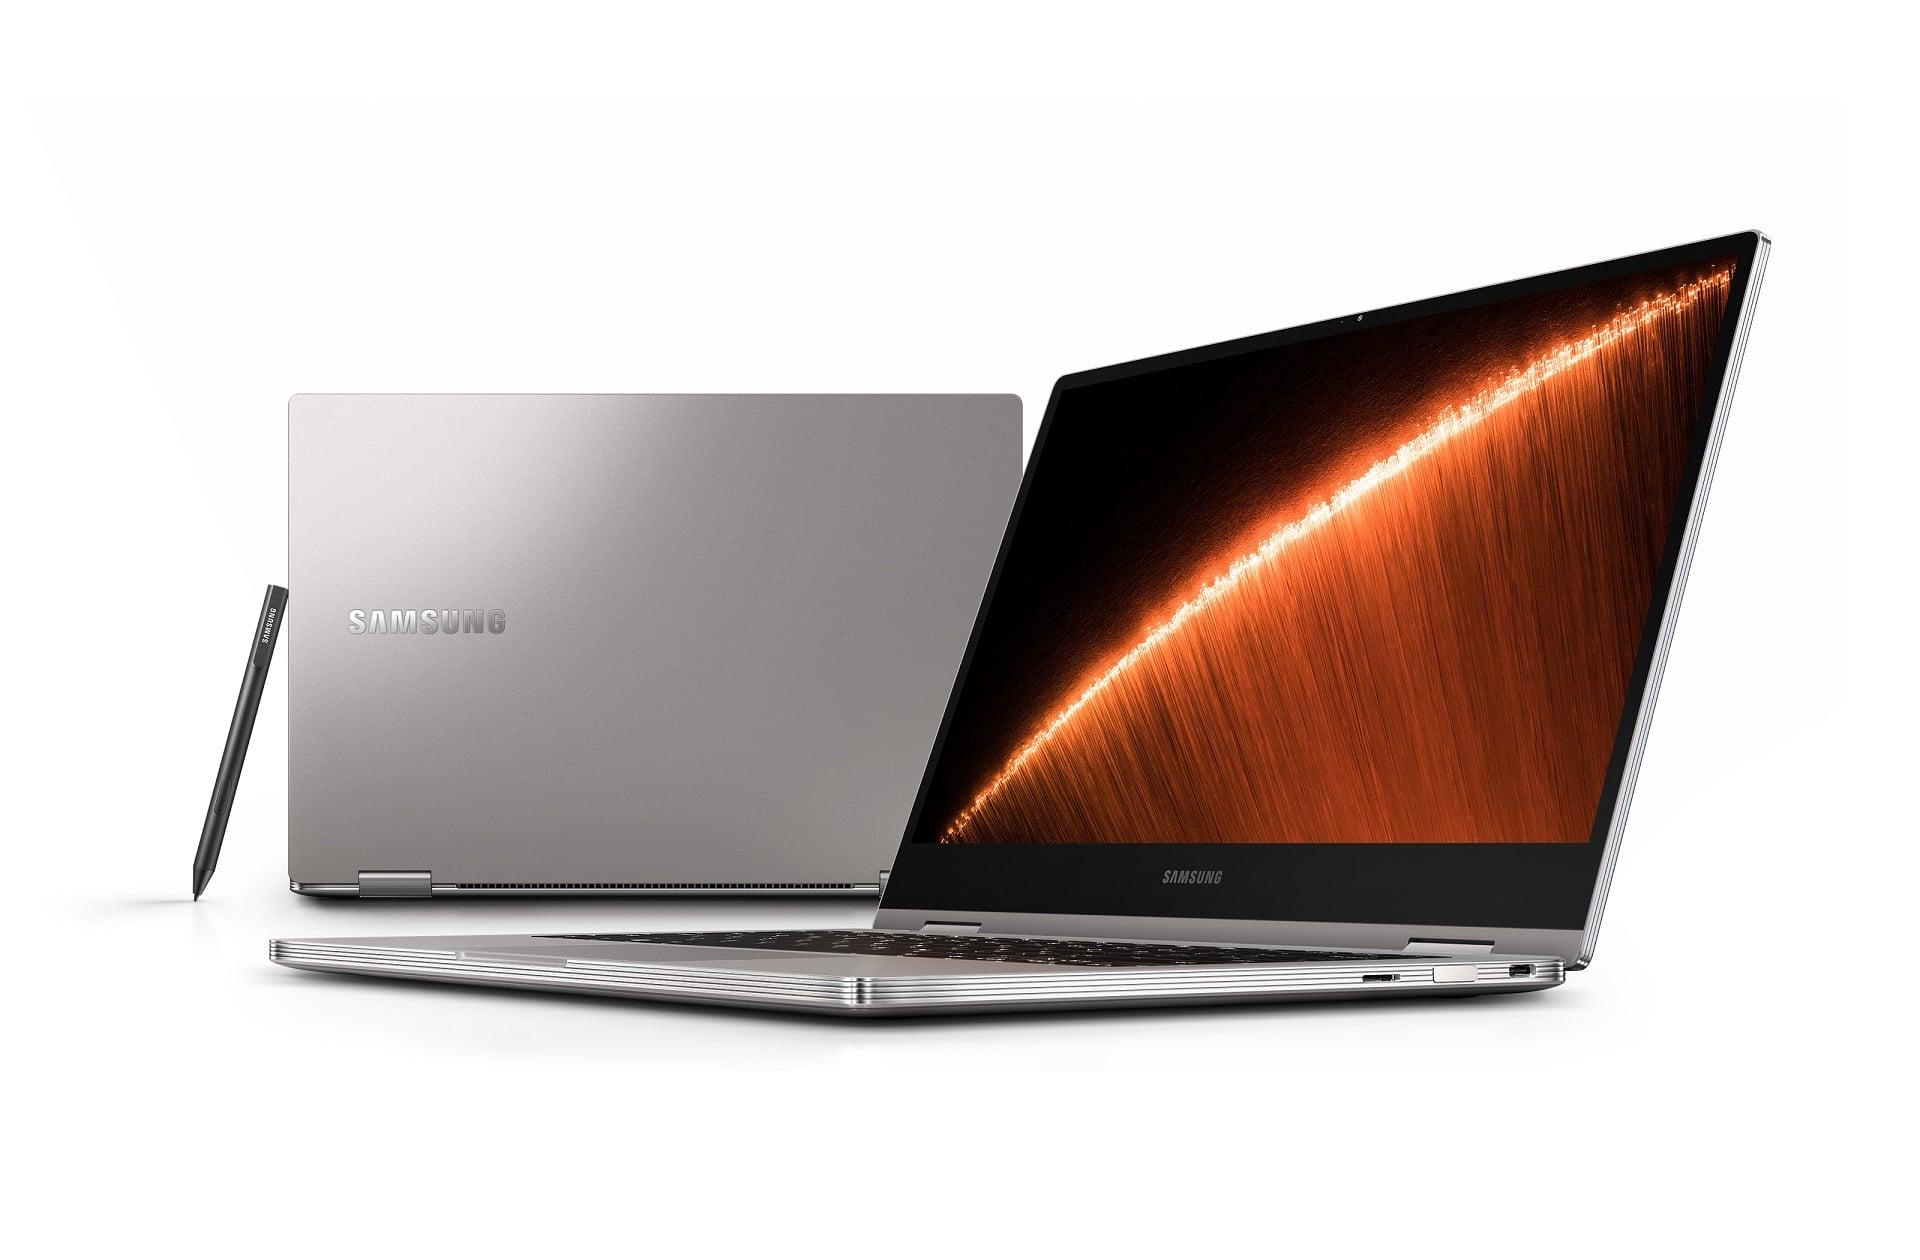 Samsung przywiózł na targi CES 2019 dwa nowe laptopy: Notebook 9 Pro i Notebook Flash